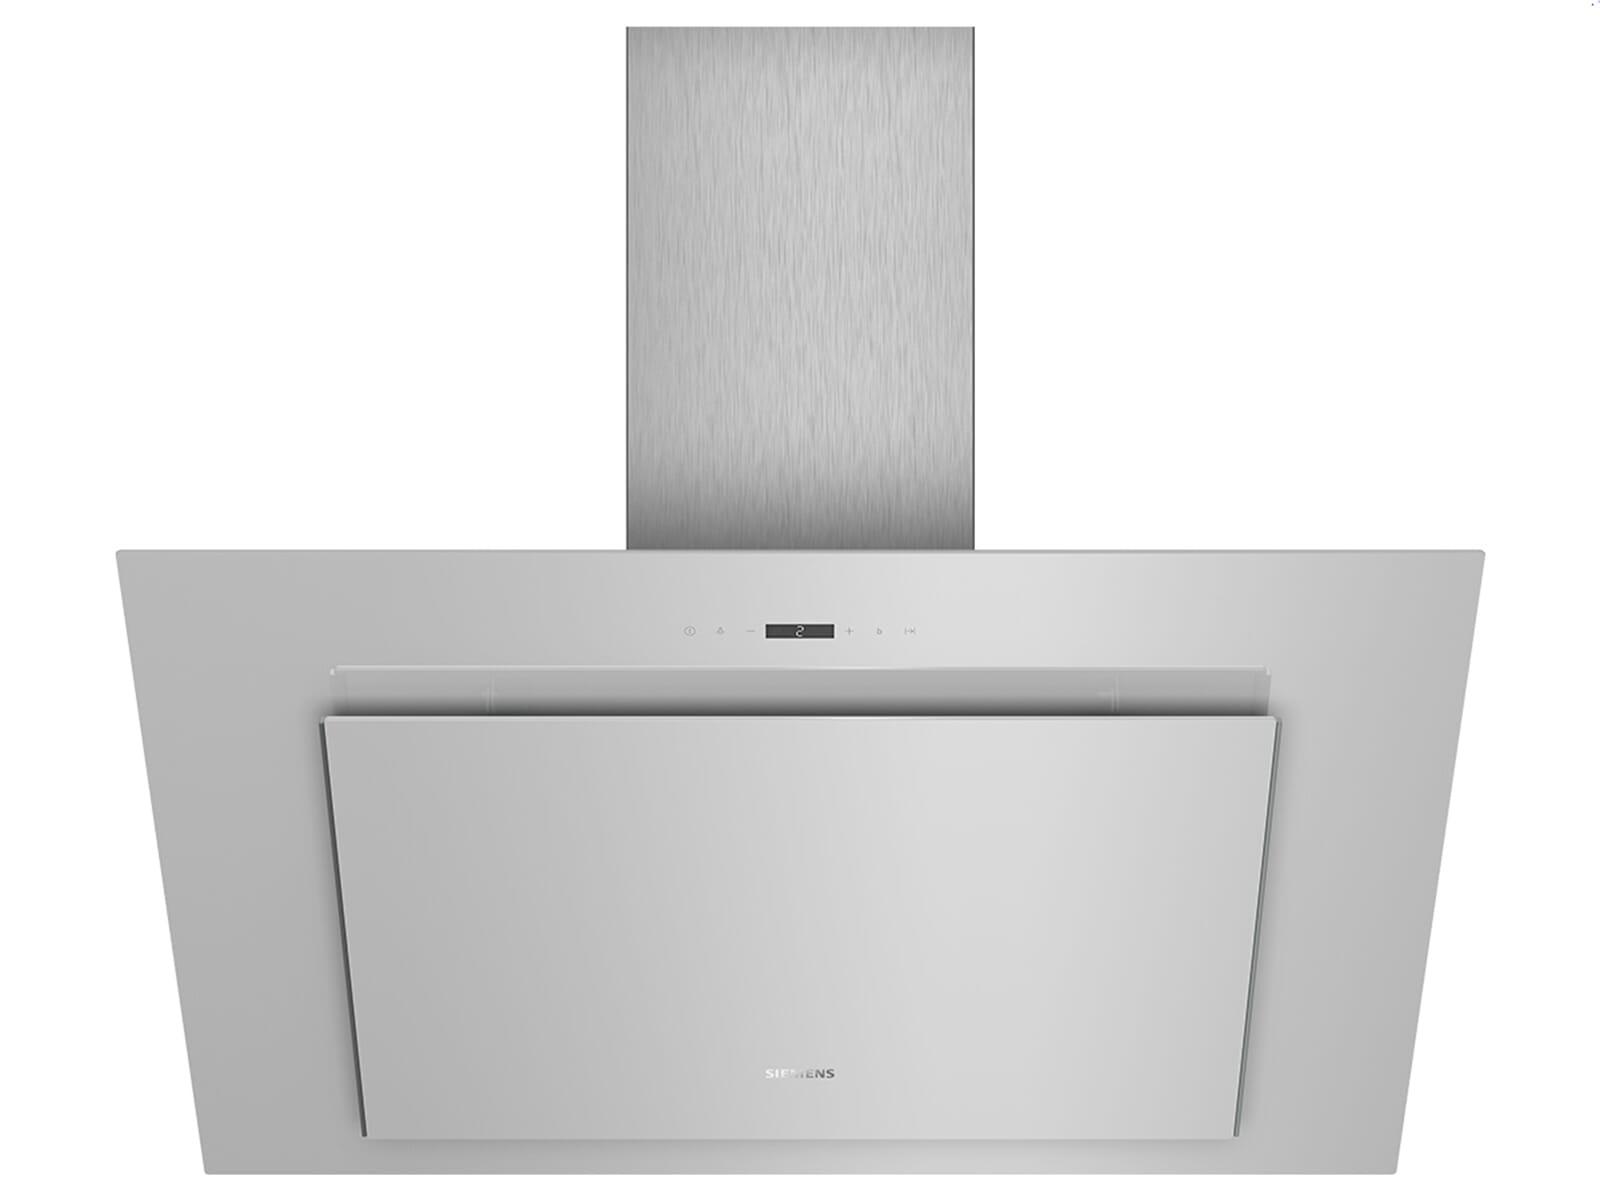 Siemens Kühlschrank Silber : Siemens lc klp kopffreihaube silber